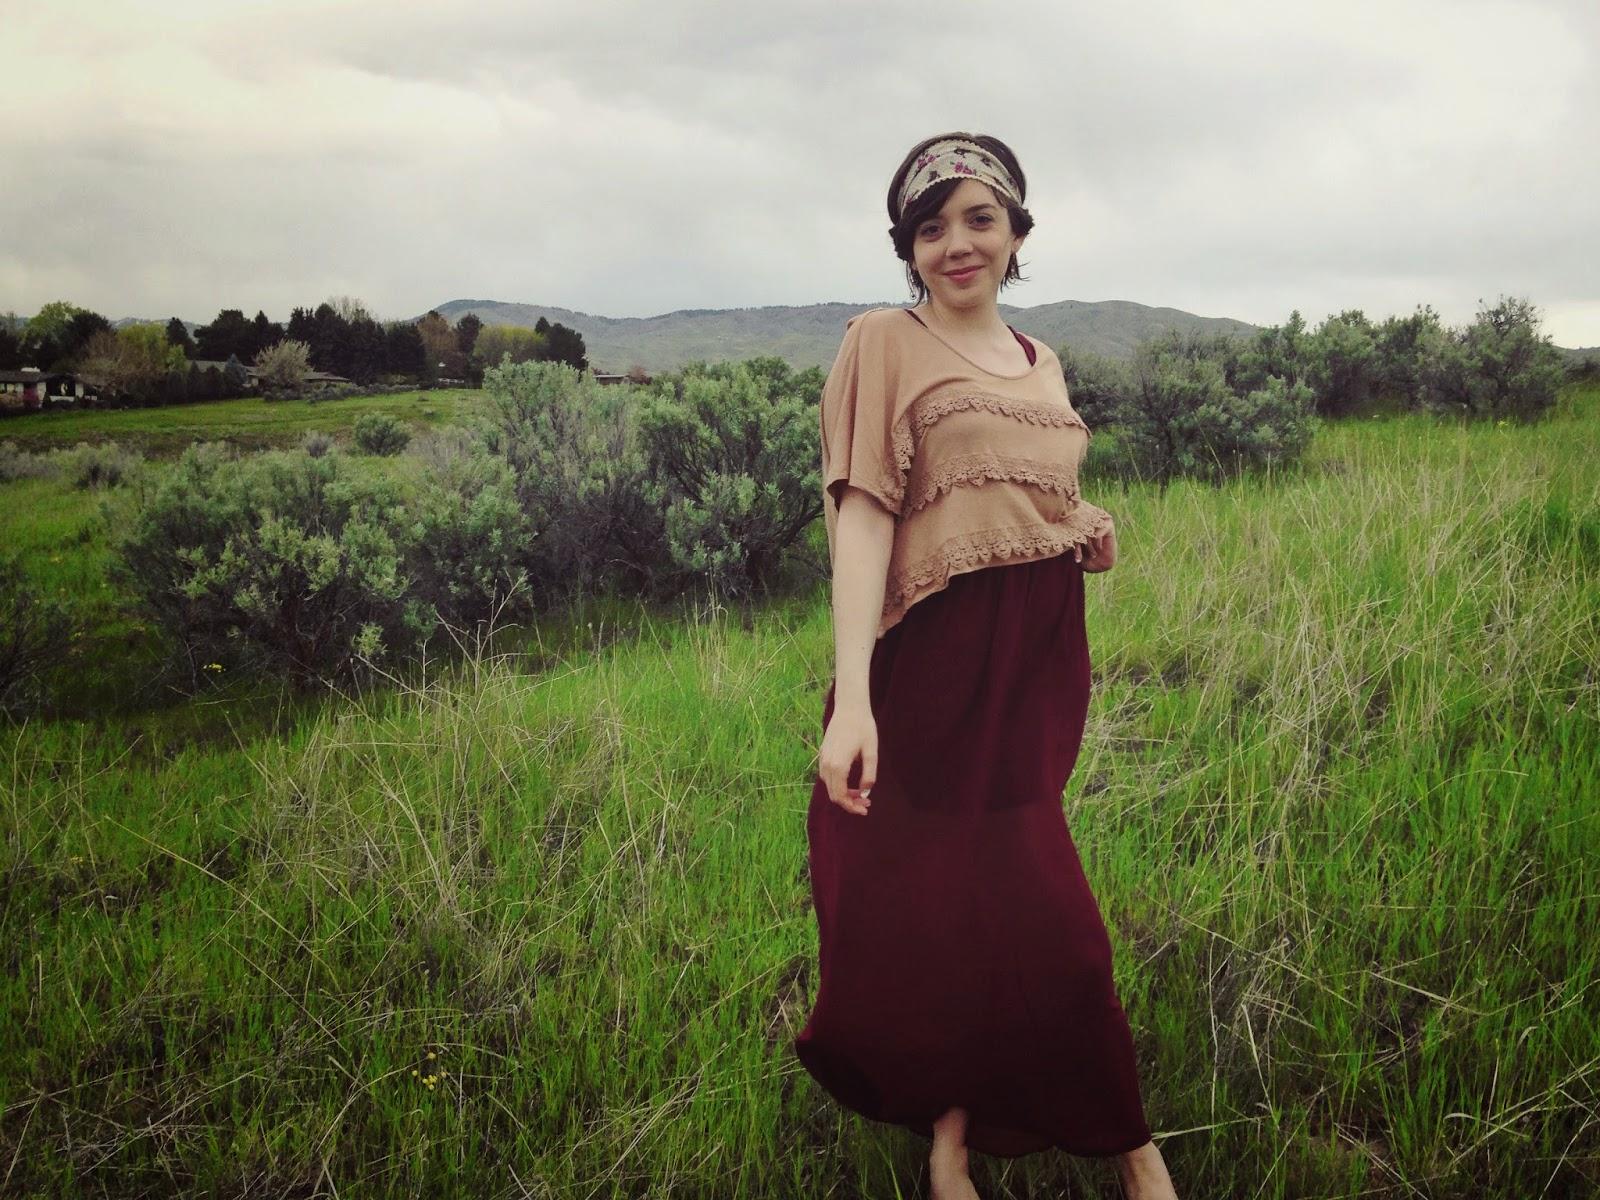 baggy+crop+top+over+maxi+dress+.jpeg